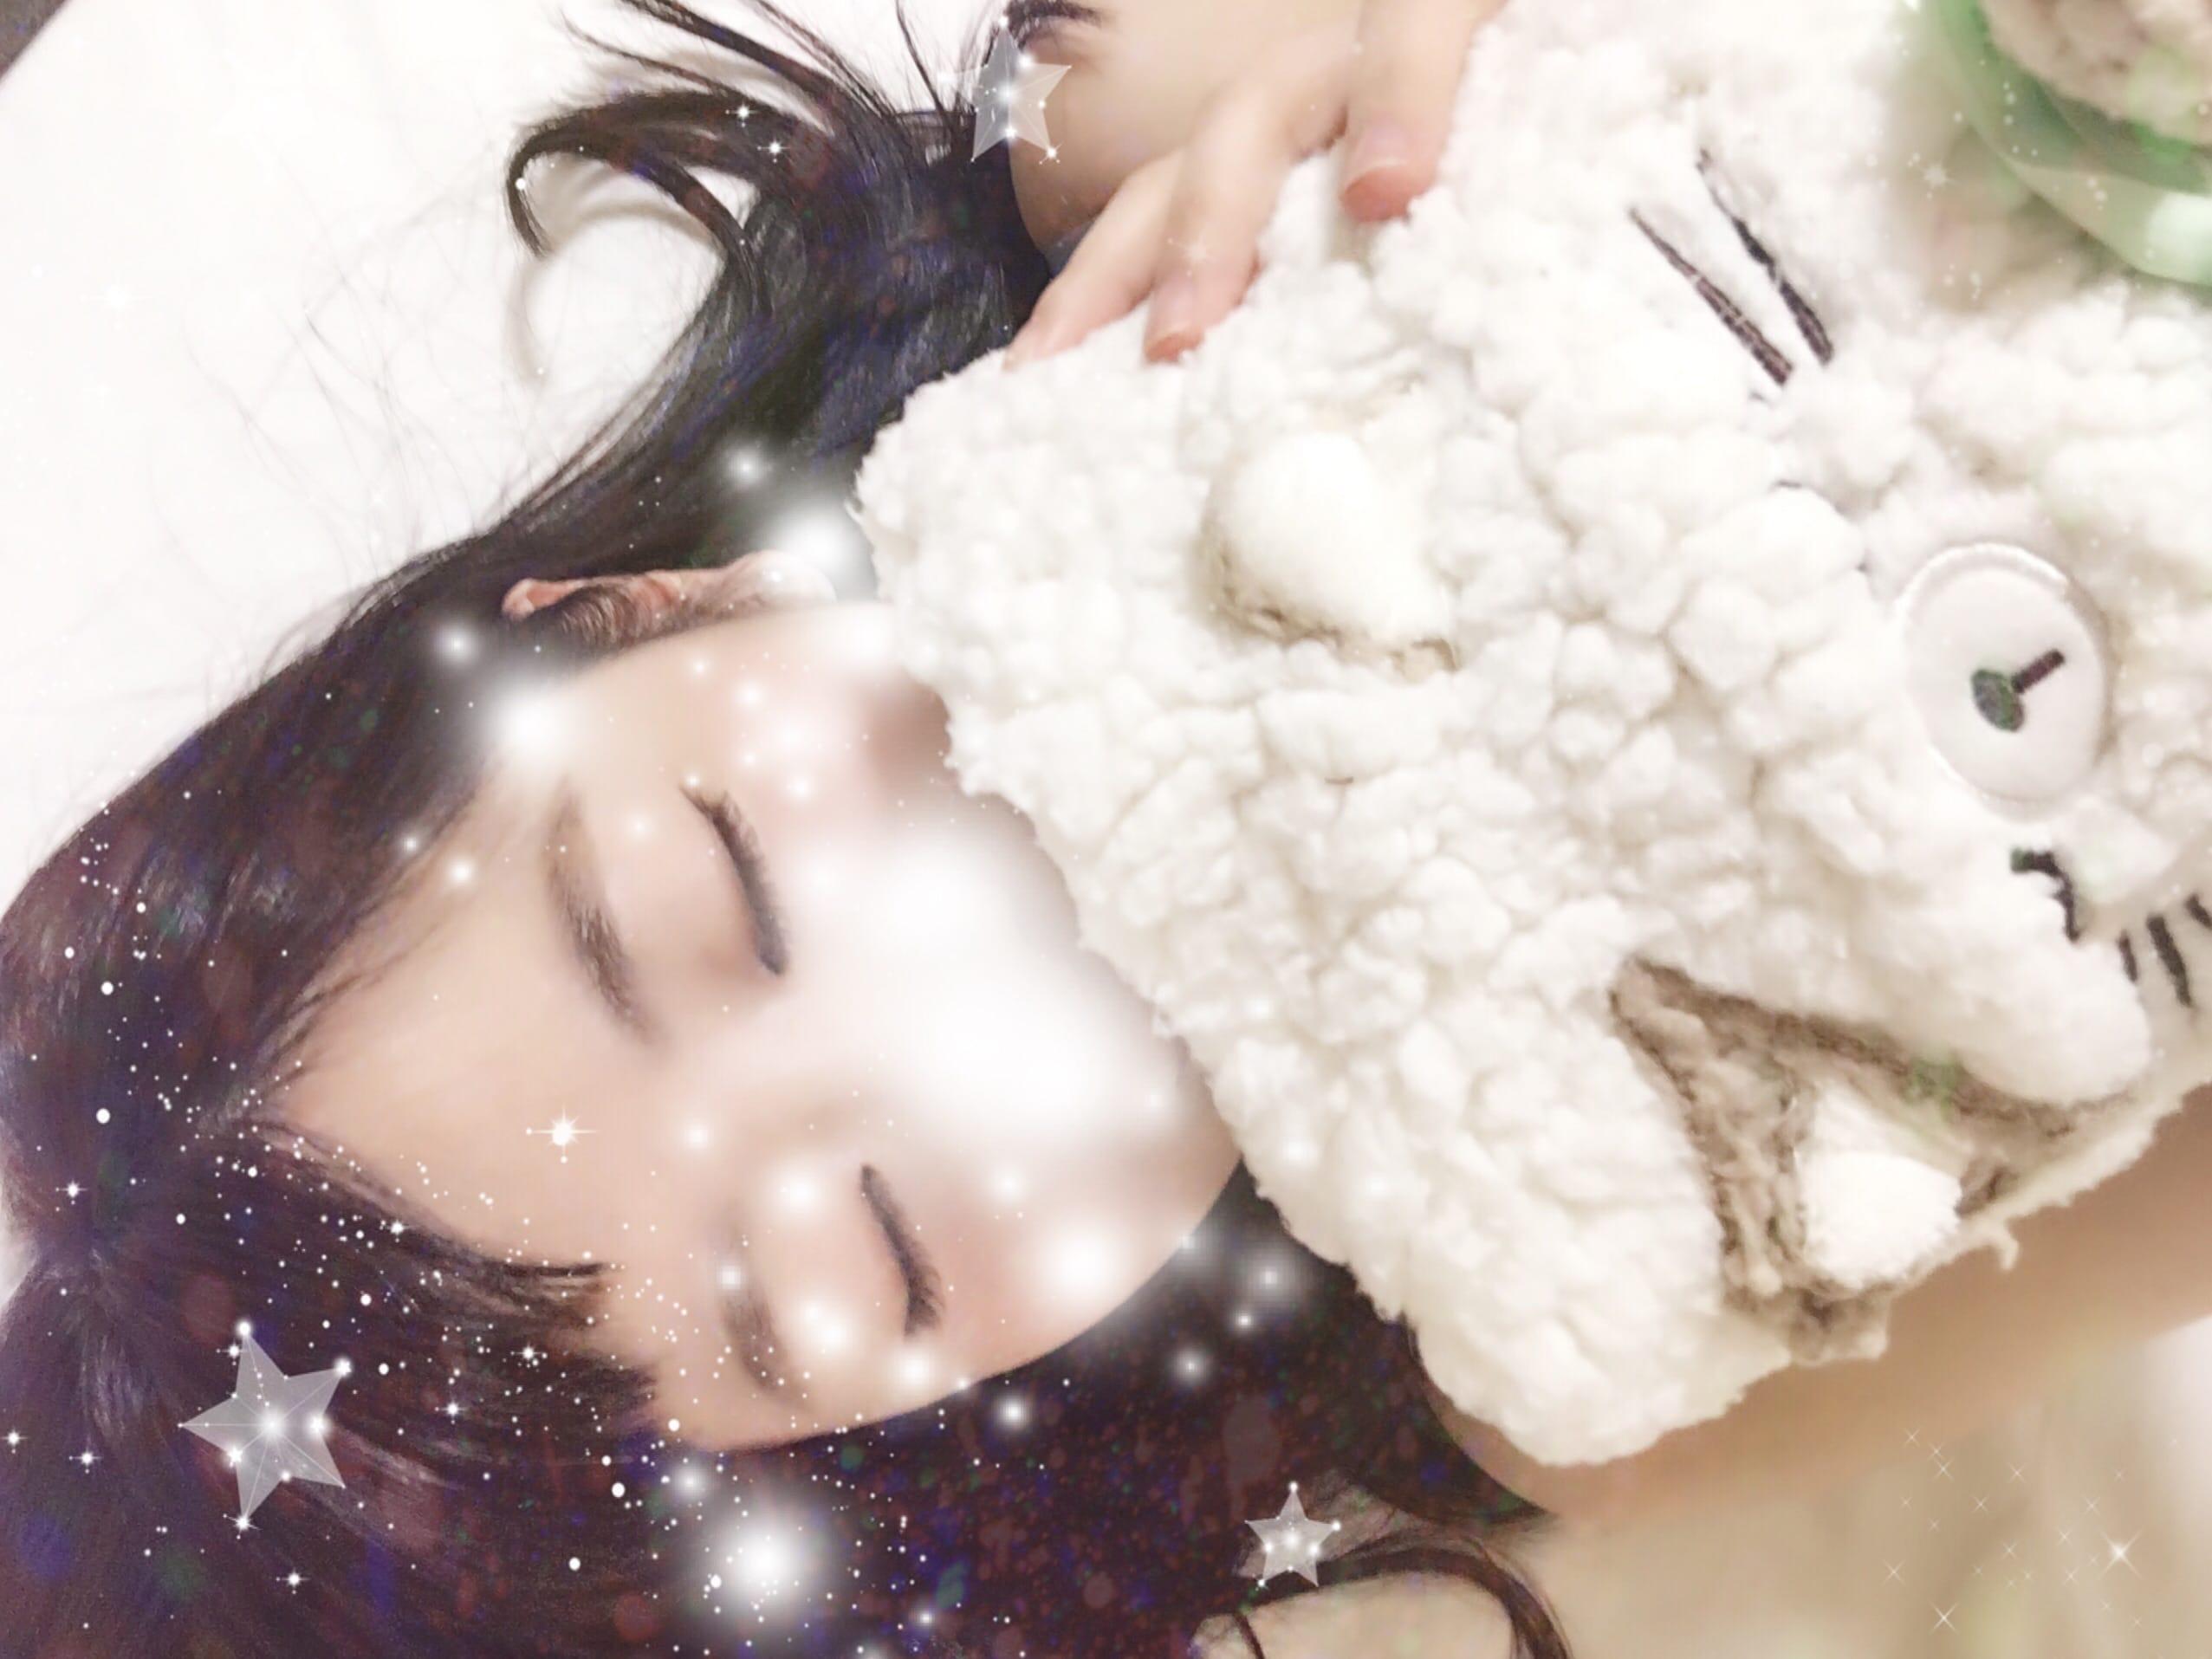 「美容院へ」01/19(01/19) 07:09 | このみの写メ・風俗動画